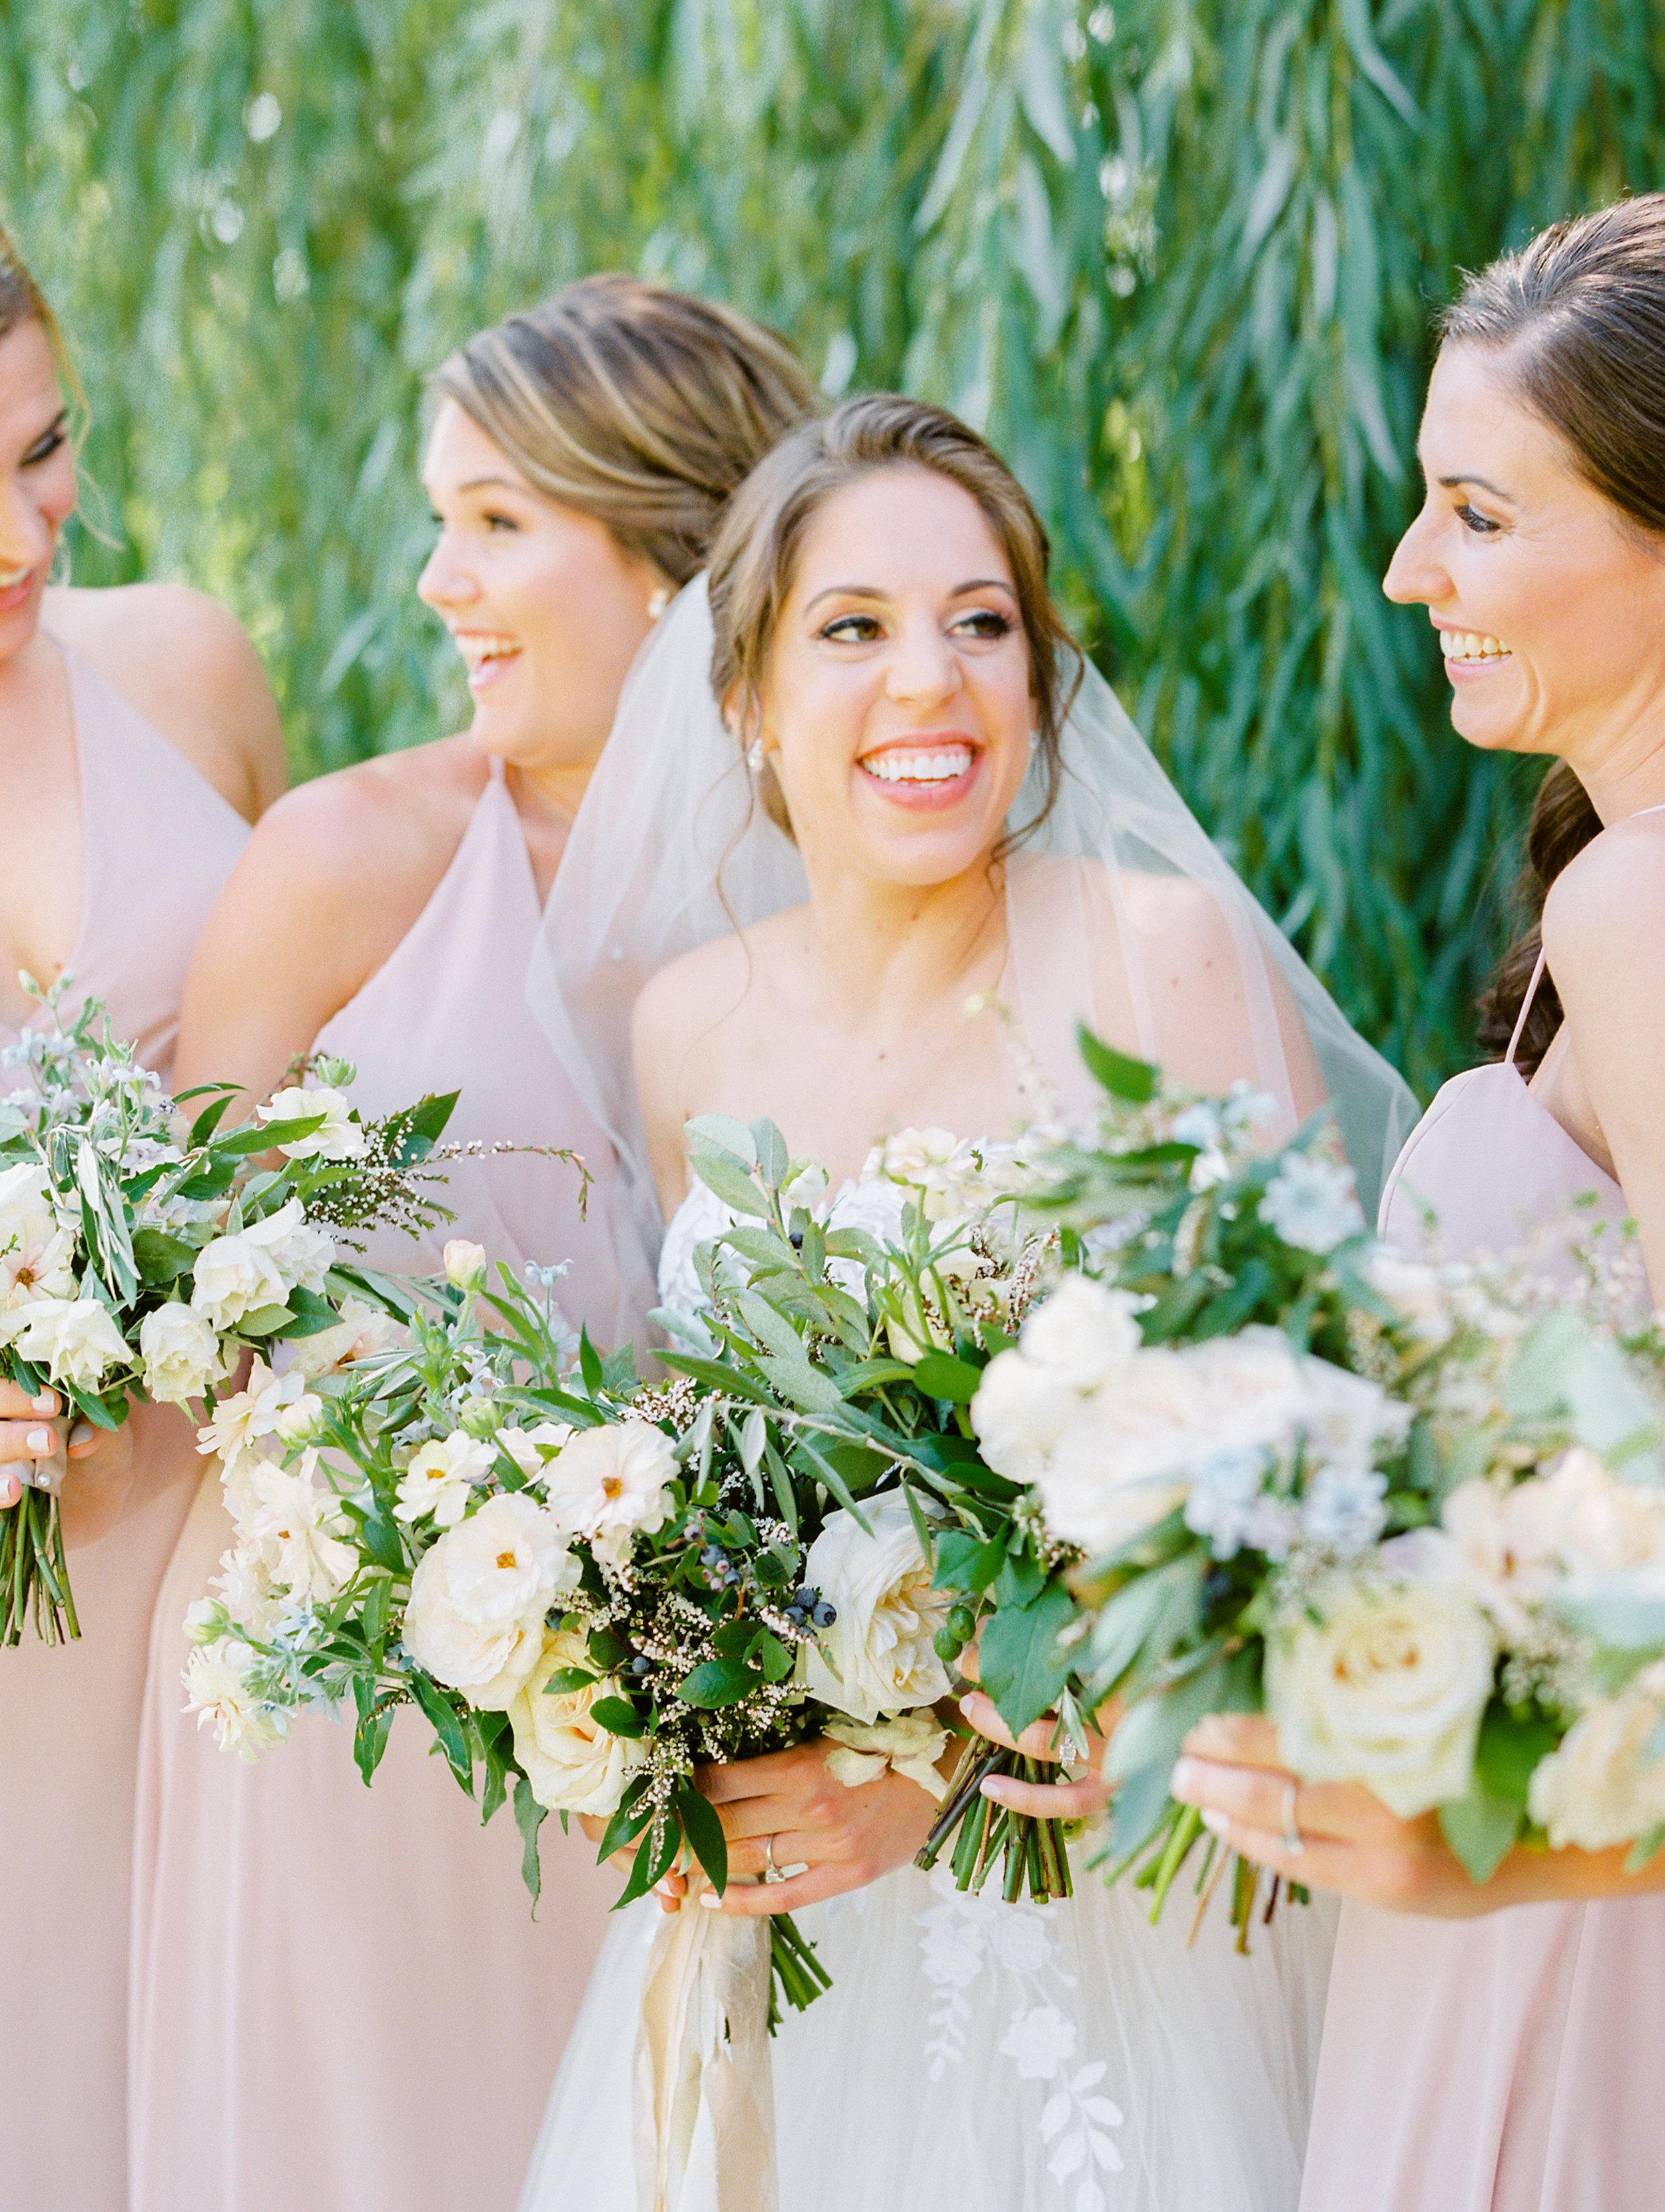 Steinlage+Wedding+Bridal+Party-49.jpg